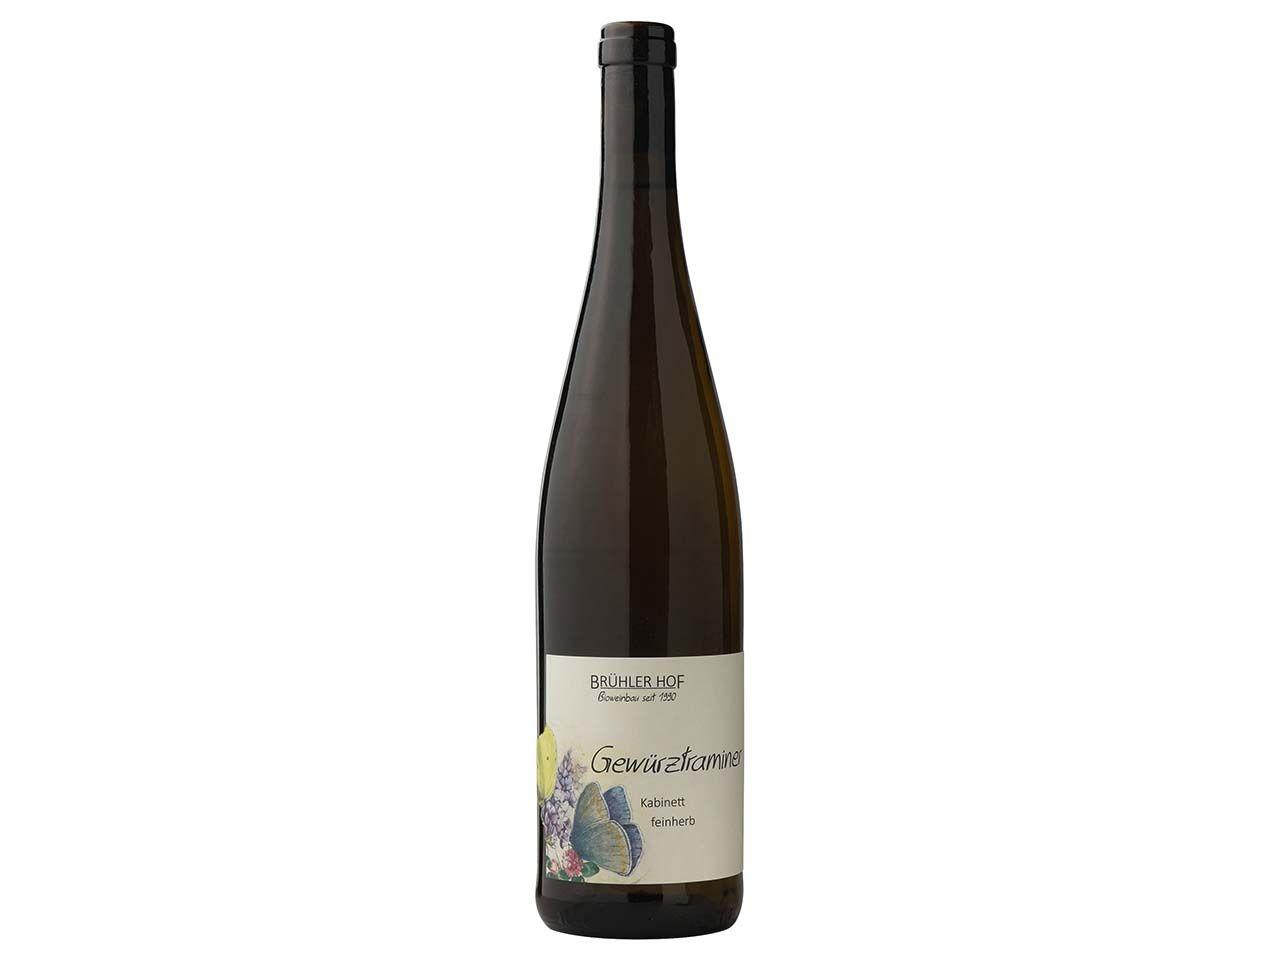 Brühler Hof Bio-Weißwein Gewürztraminer, Kabinett, 0,75 l 2-20